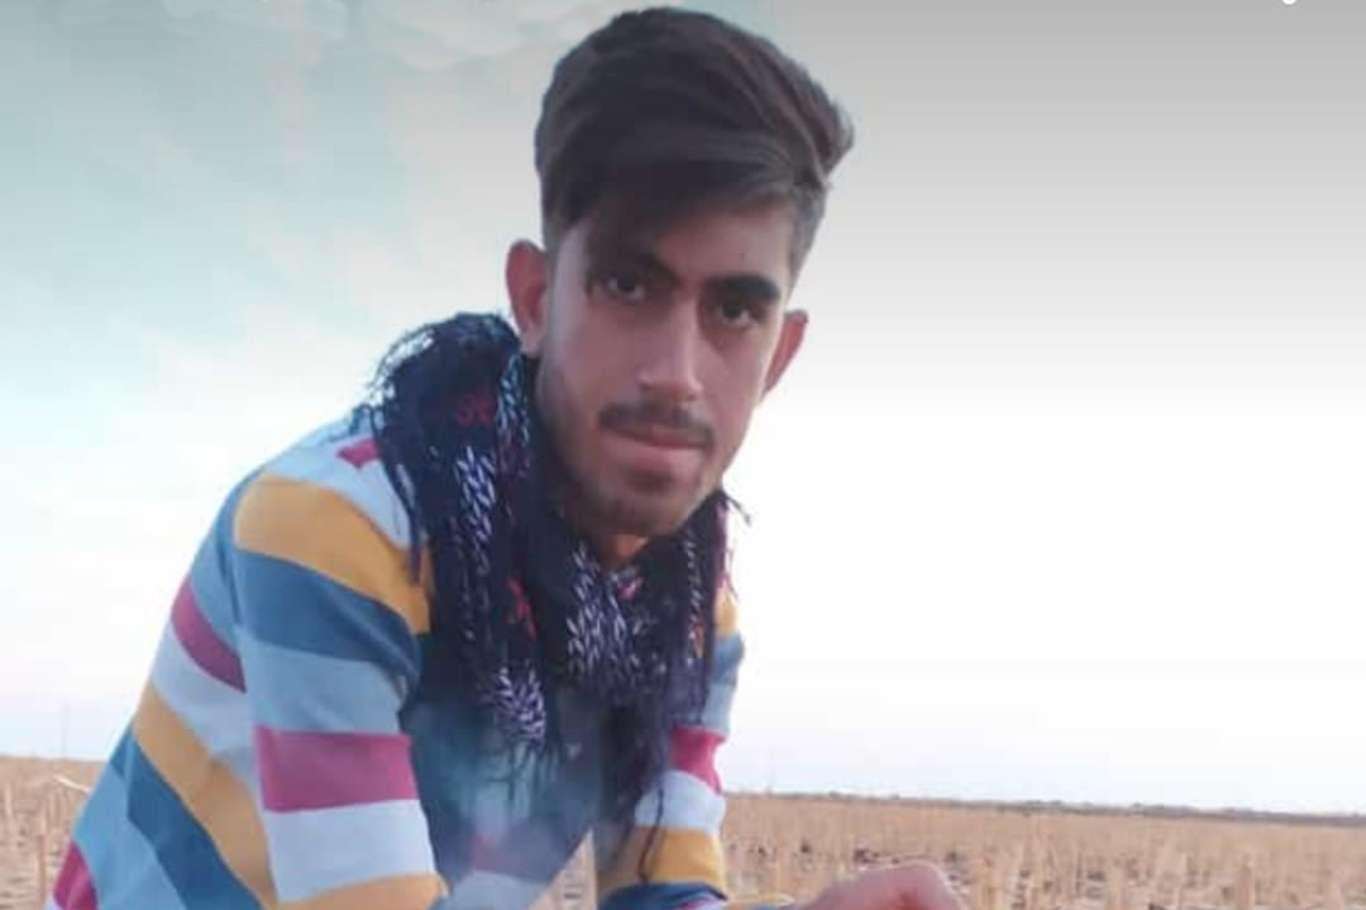 Şanlıurfa'da Açılan Ateş Sonucu Yaralanan Genç Yaşamını Kaybetti